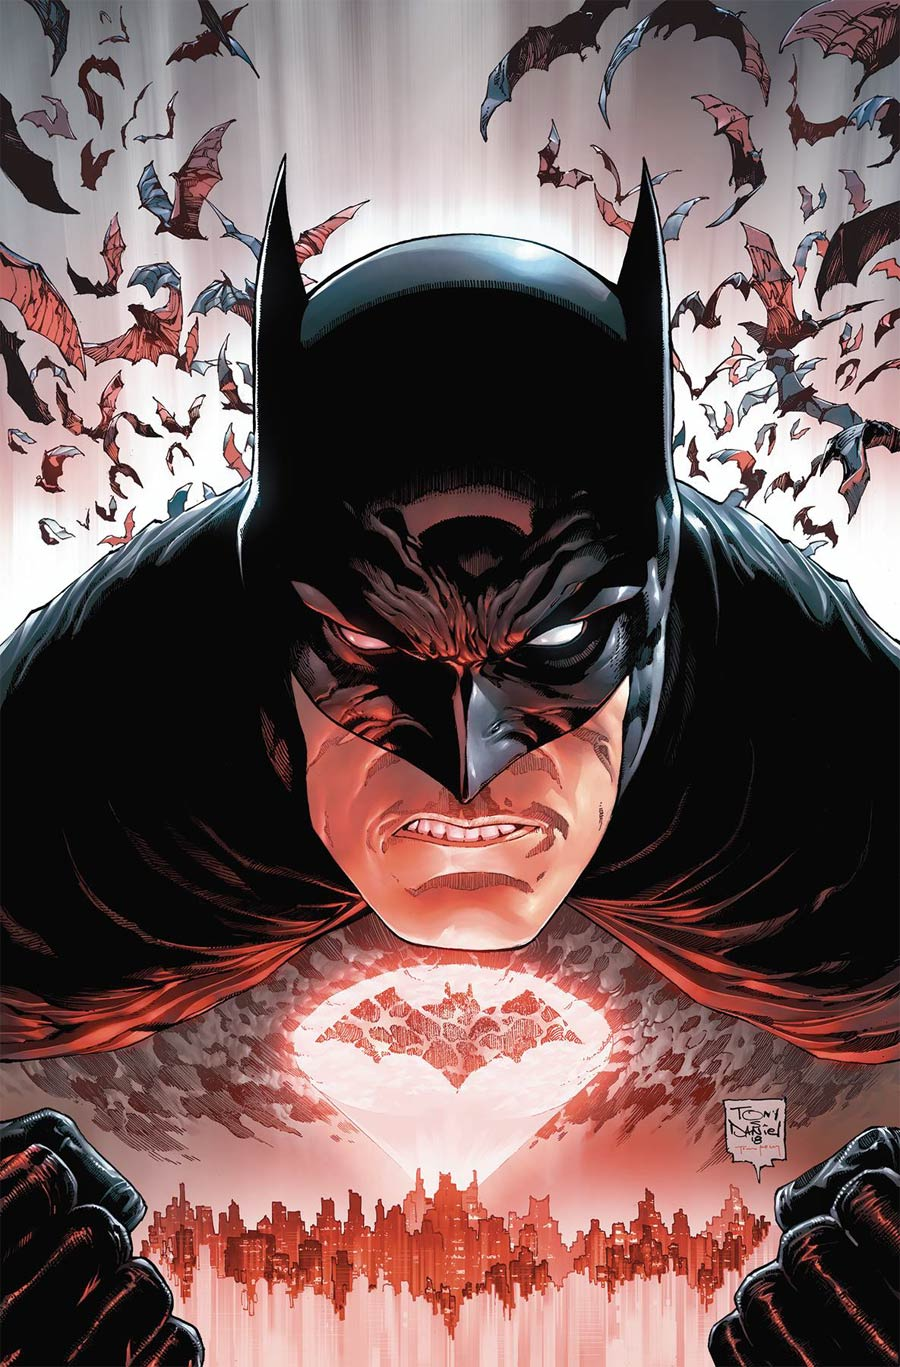 Batman Vol 3 #45 Cover A 1st Ptg Regular Tony S Daniel Cover